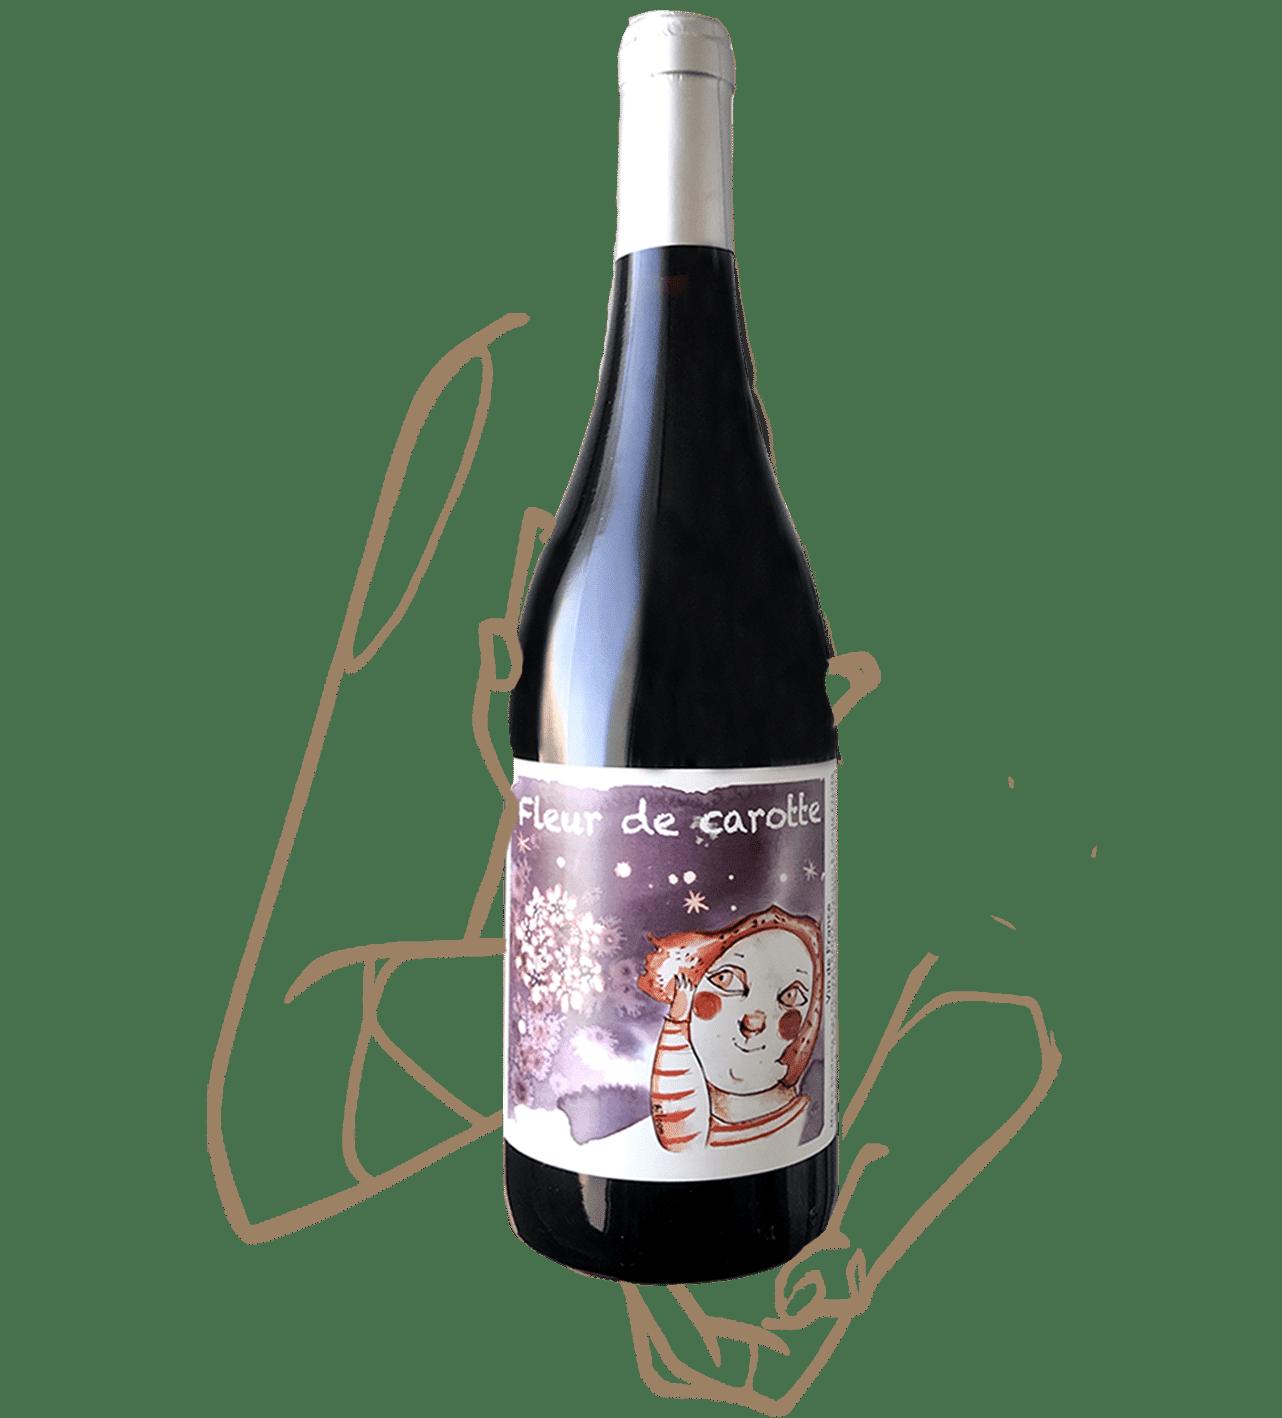 fleur de carotte du domaine Badéa est un vin nature rouge